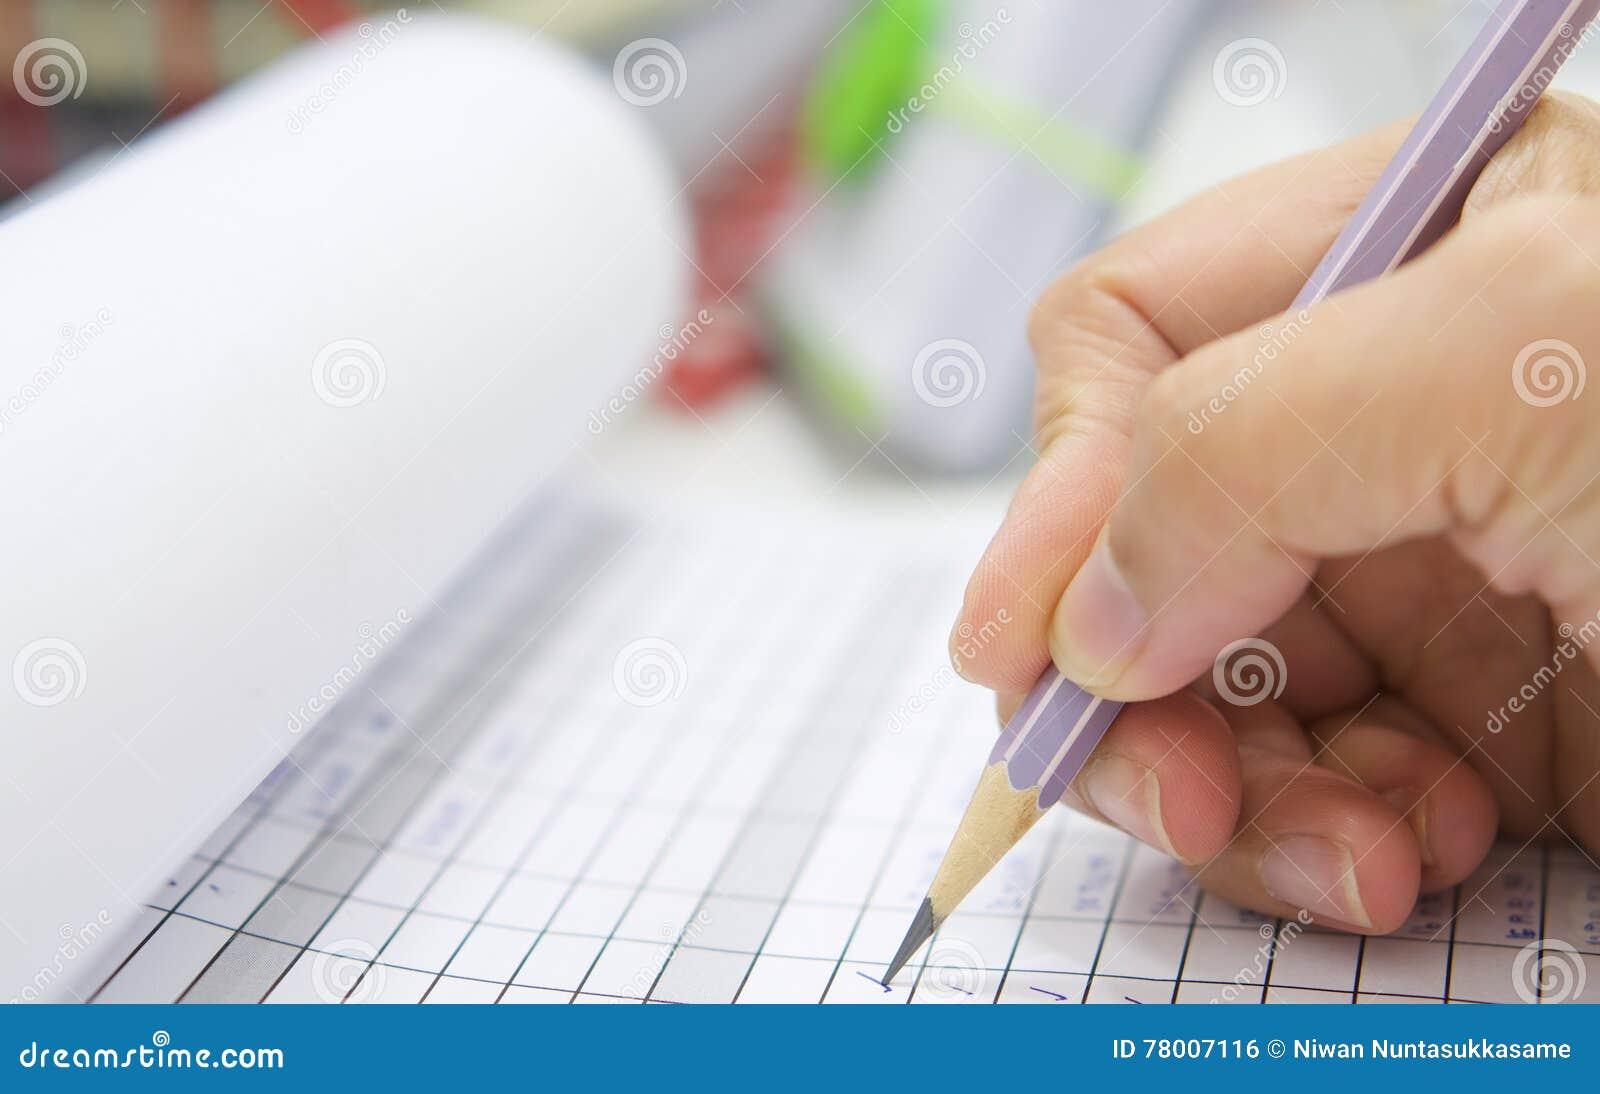 Hand mit Bleistift über Checklistenform